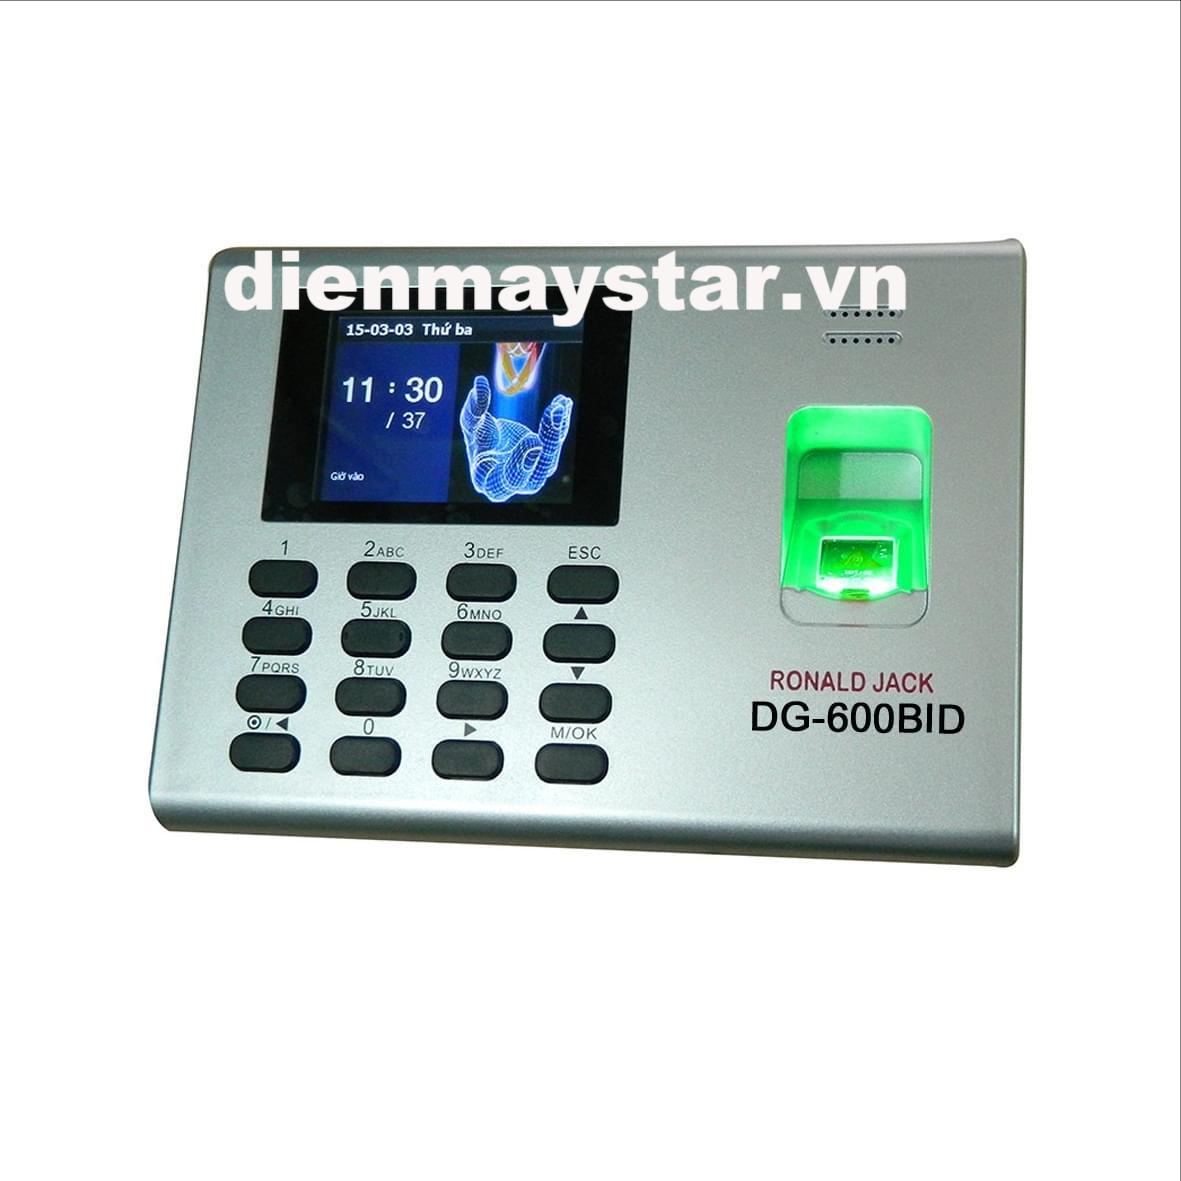 Máy chấm công vân tay và thẻ Ronald Jack DG-600BID